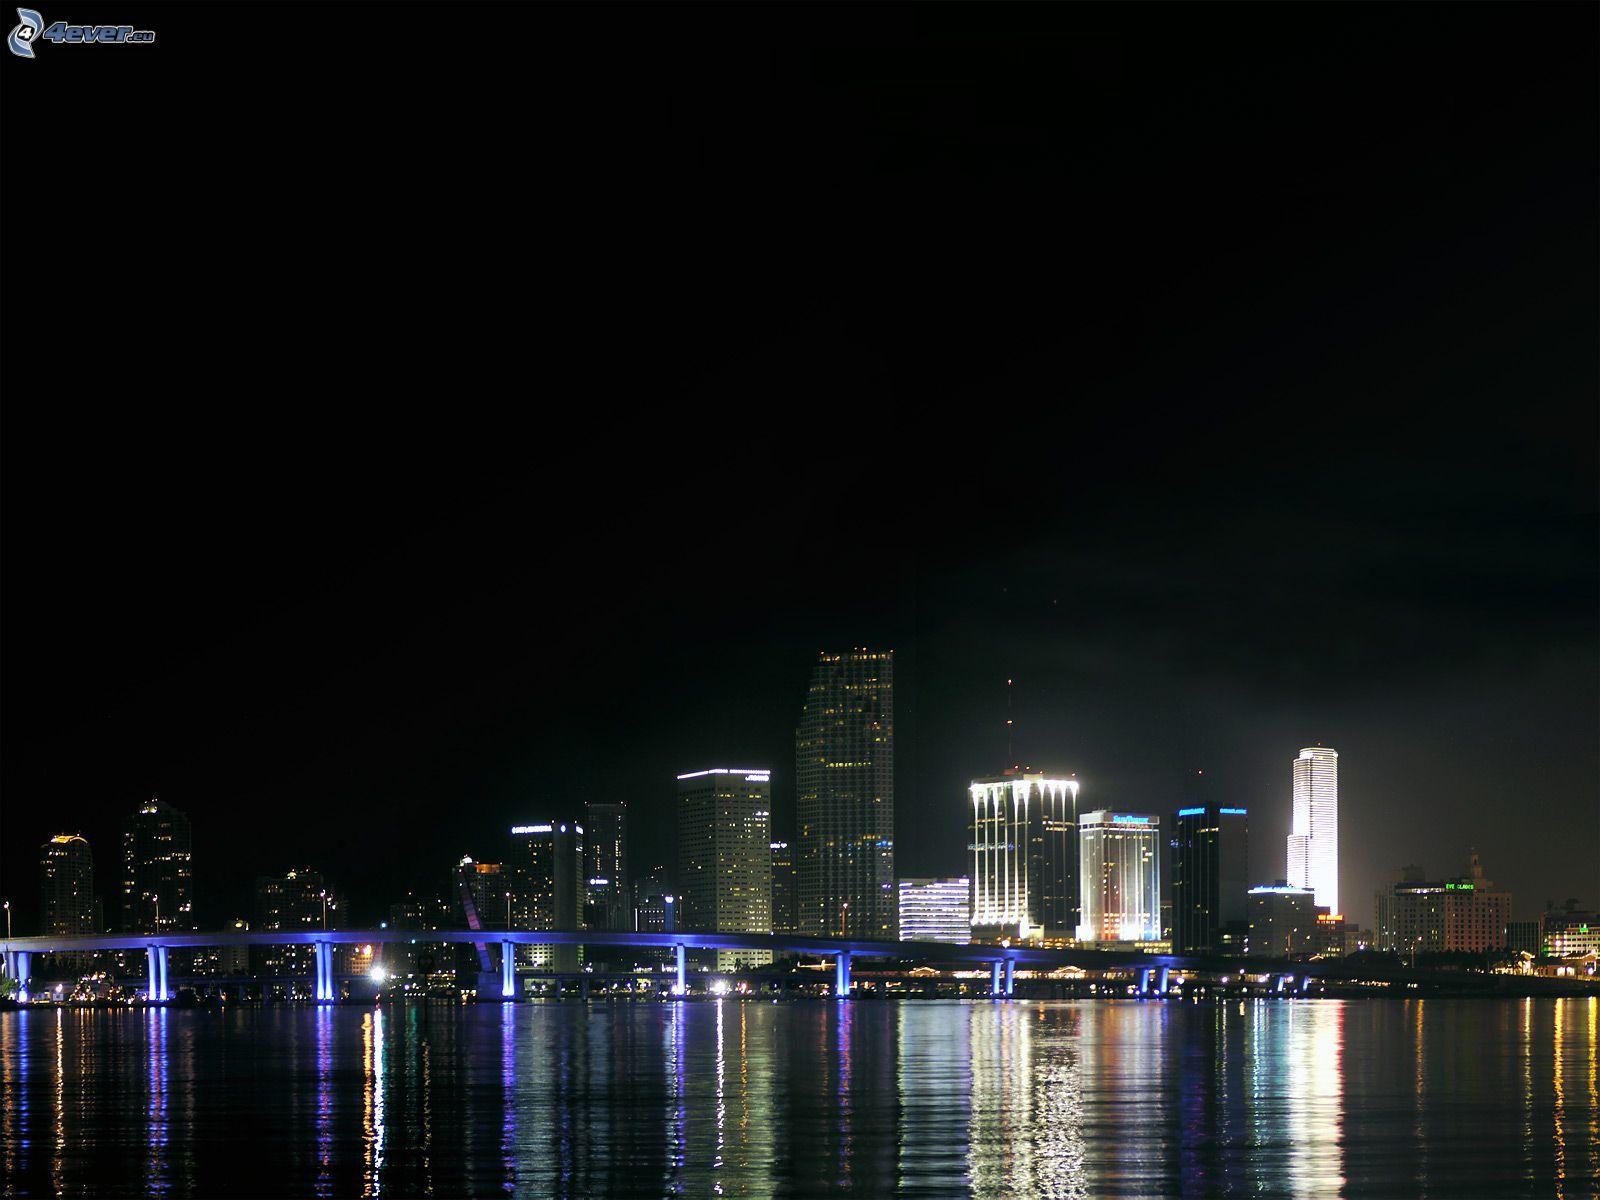 Ville dans la nuit for Piscine eclairee la nuit